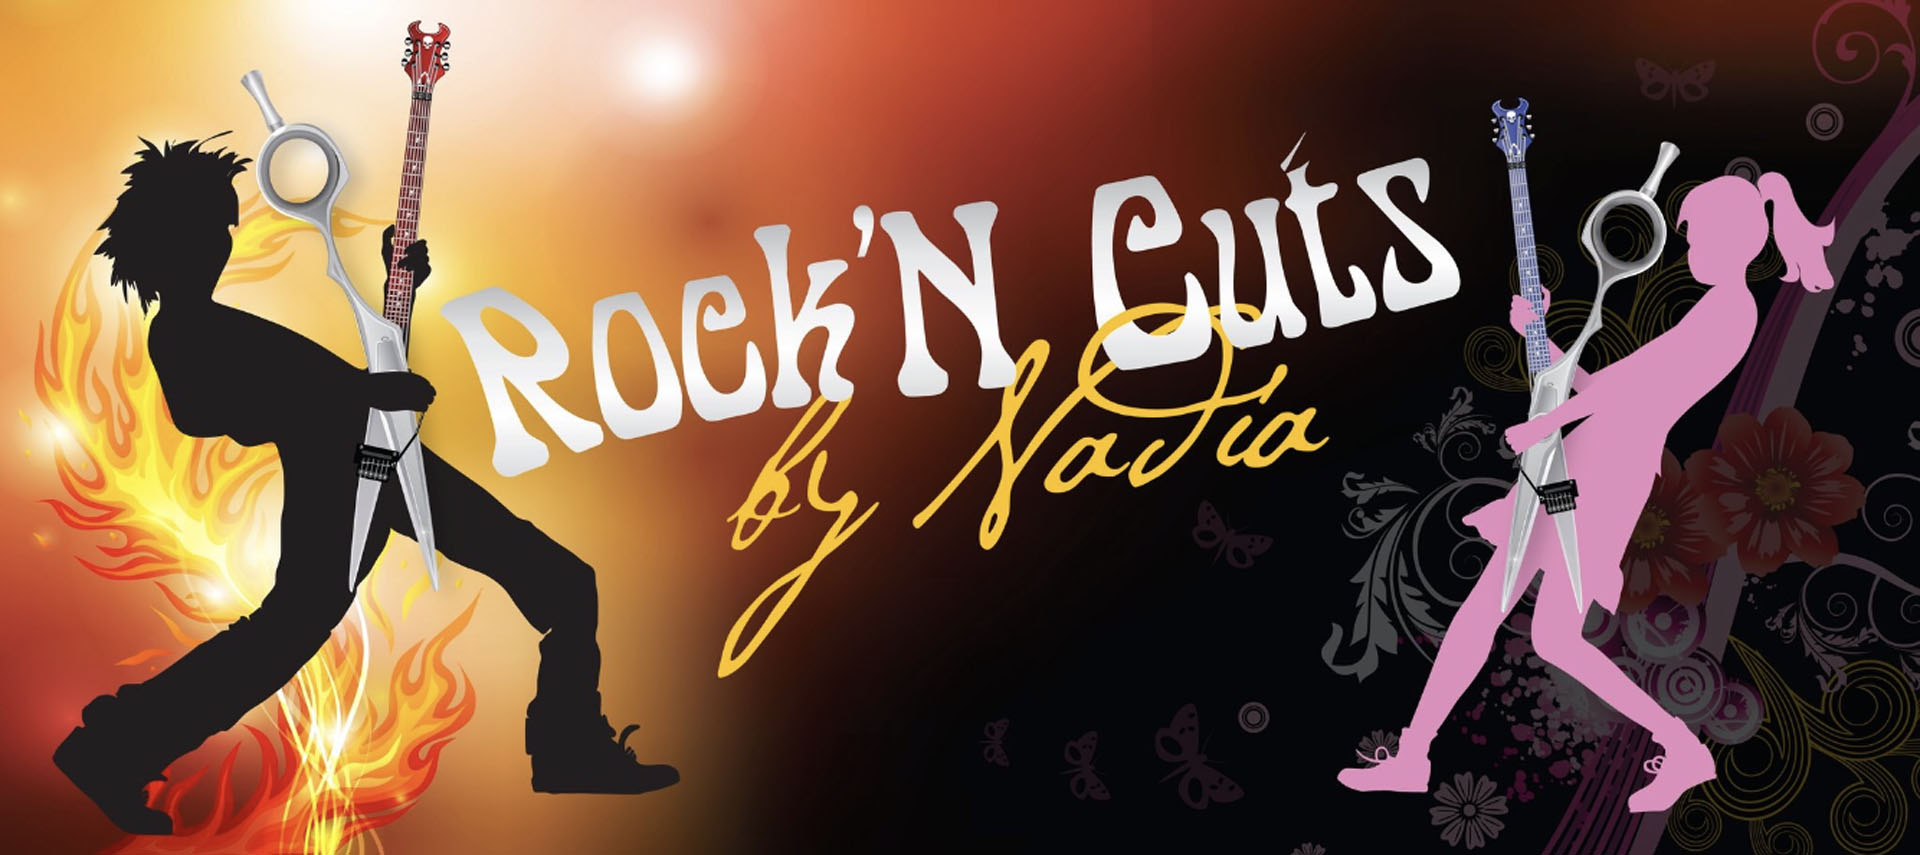 Rock'N Cuts